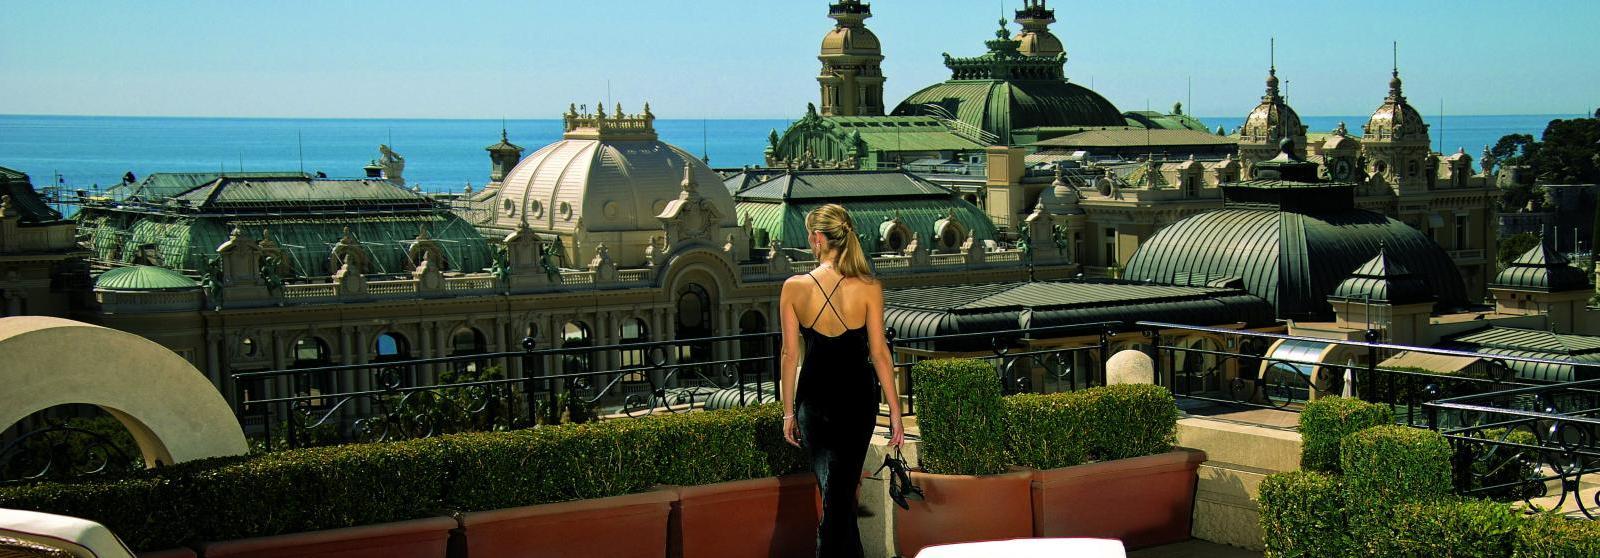 巴黎和法国里维埃拉8日浪漫之旅 www.lhw.cn